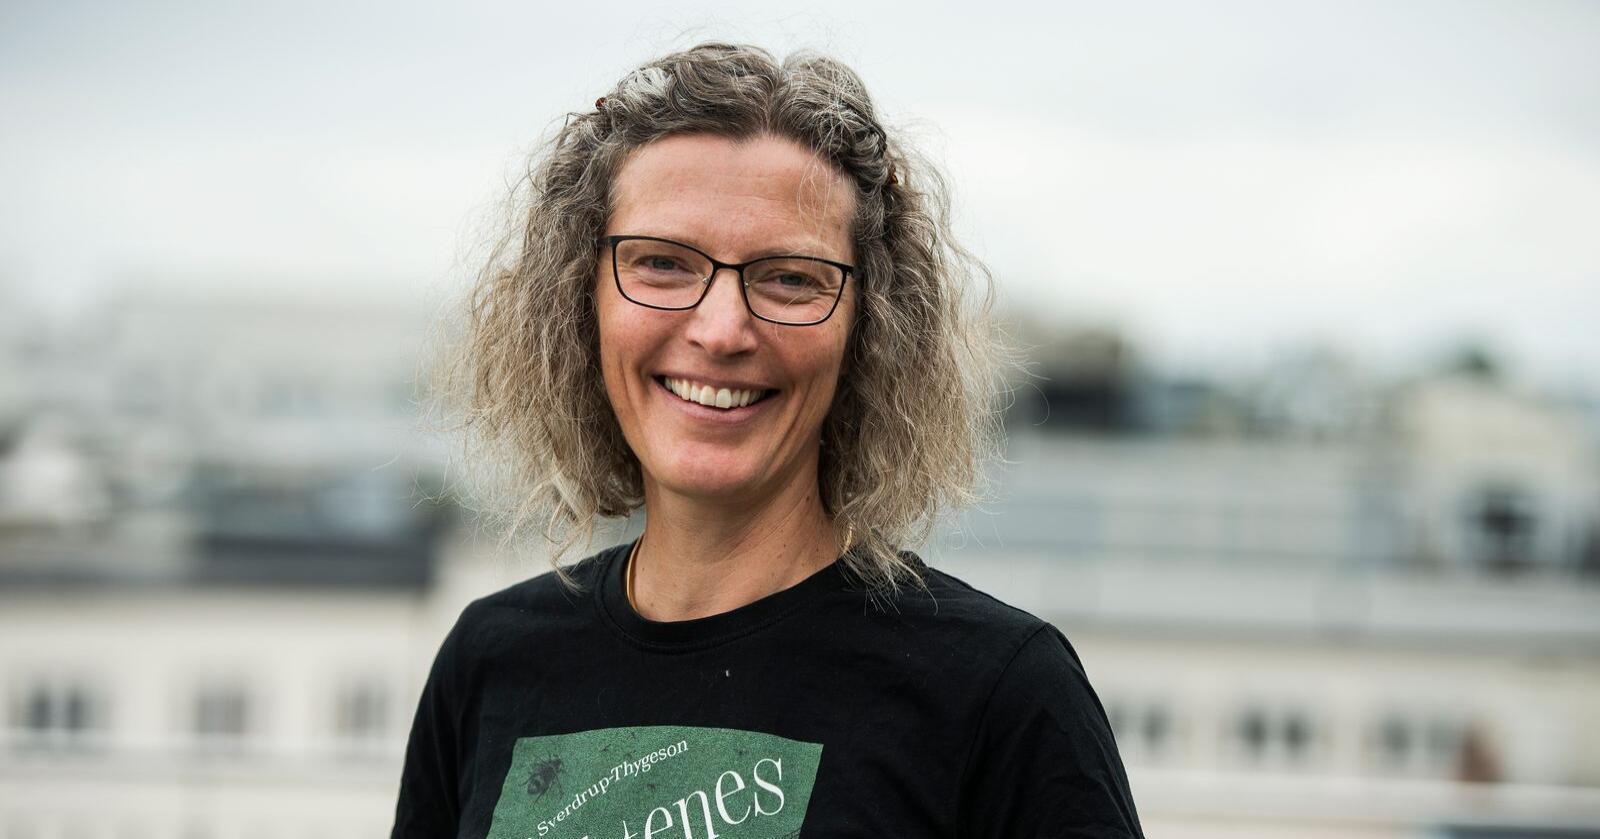 Anne Sverdrup-Thygeson vann Forskingsrådets formidlingspris for å rette lyset mot insekta og kor viktige dei er for oss. Foto: Carina Johansen / NTB